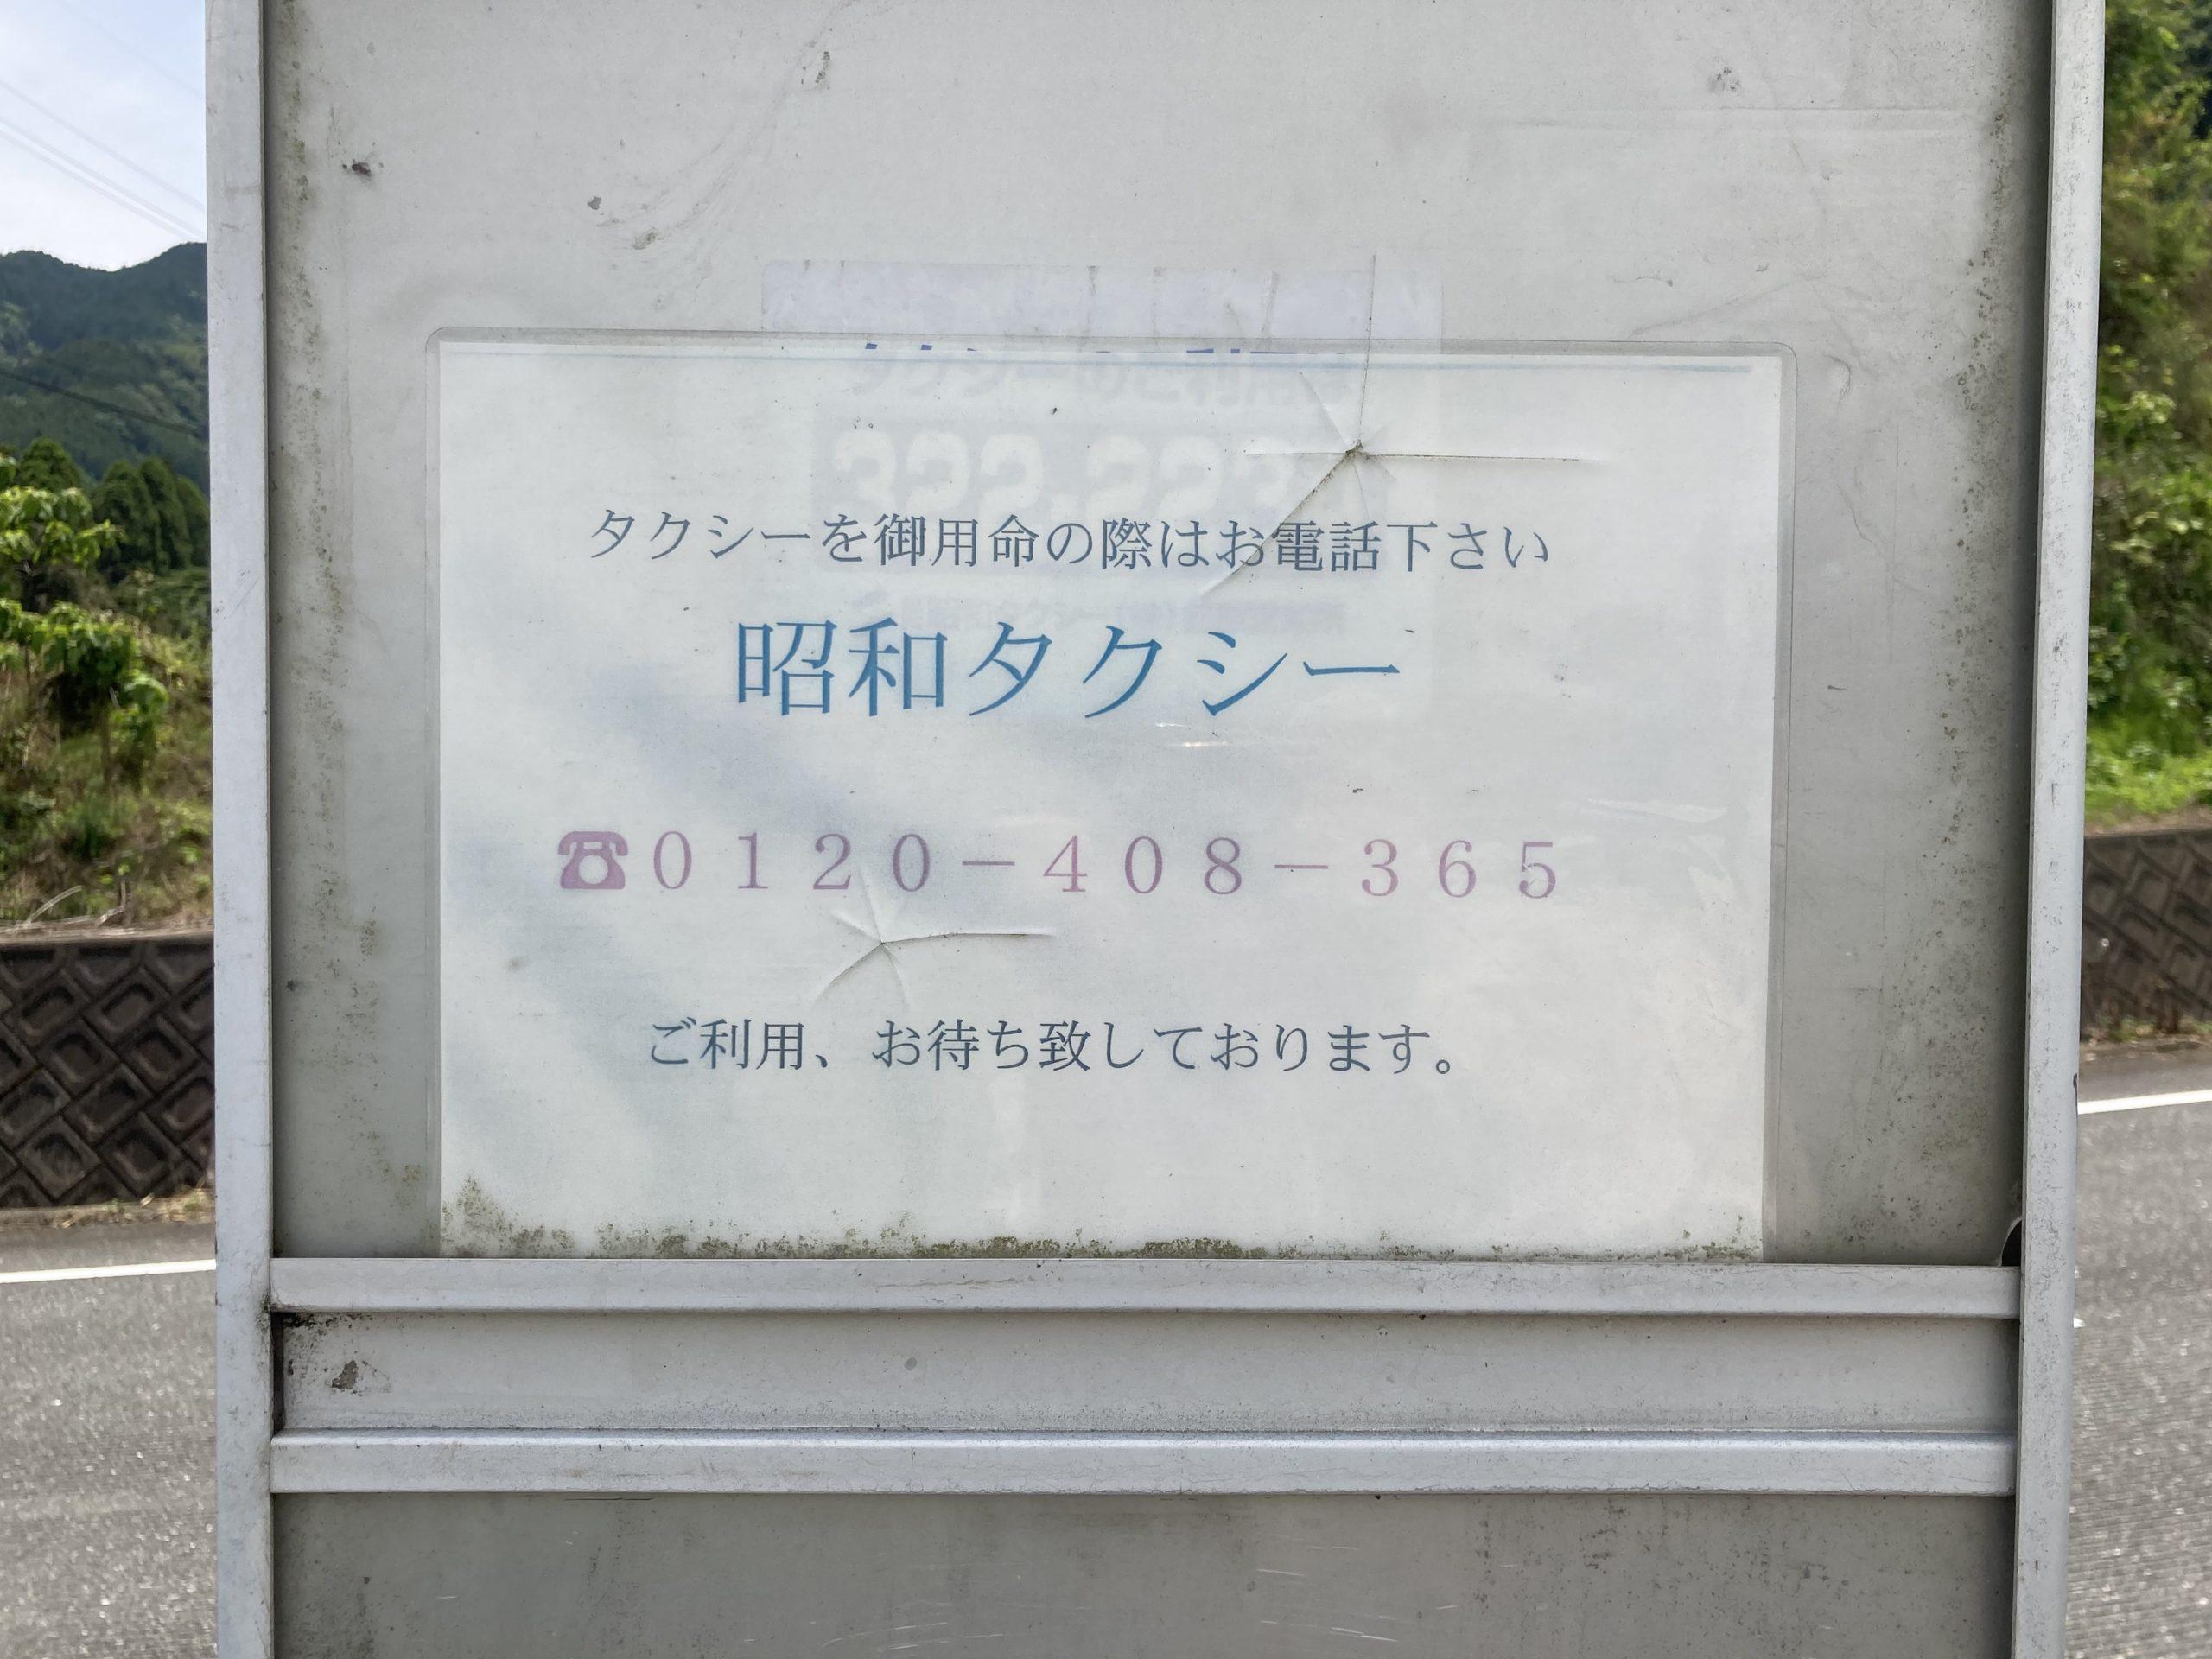 写真:昭和タクシーの電話番号0120-408-365